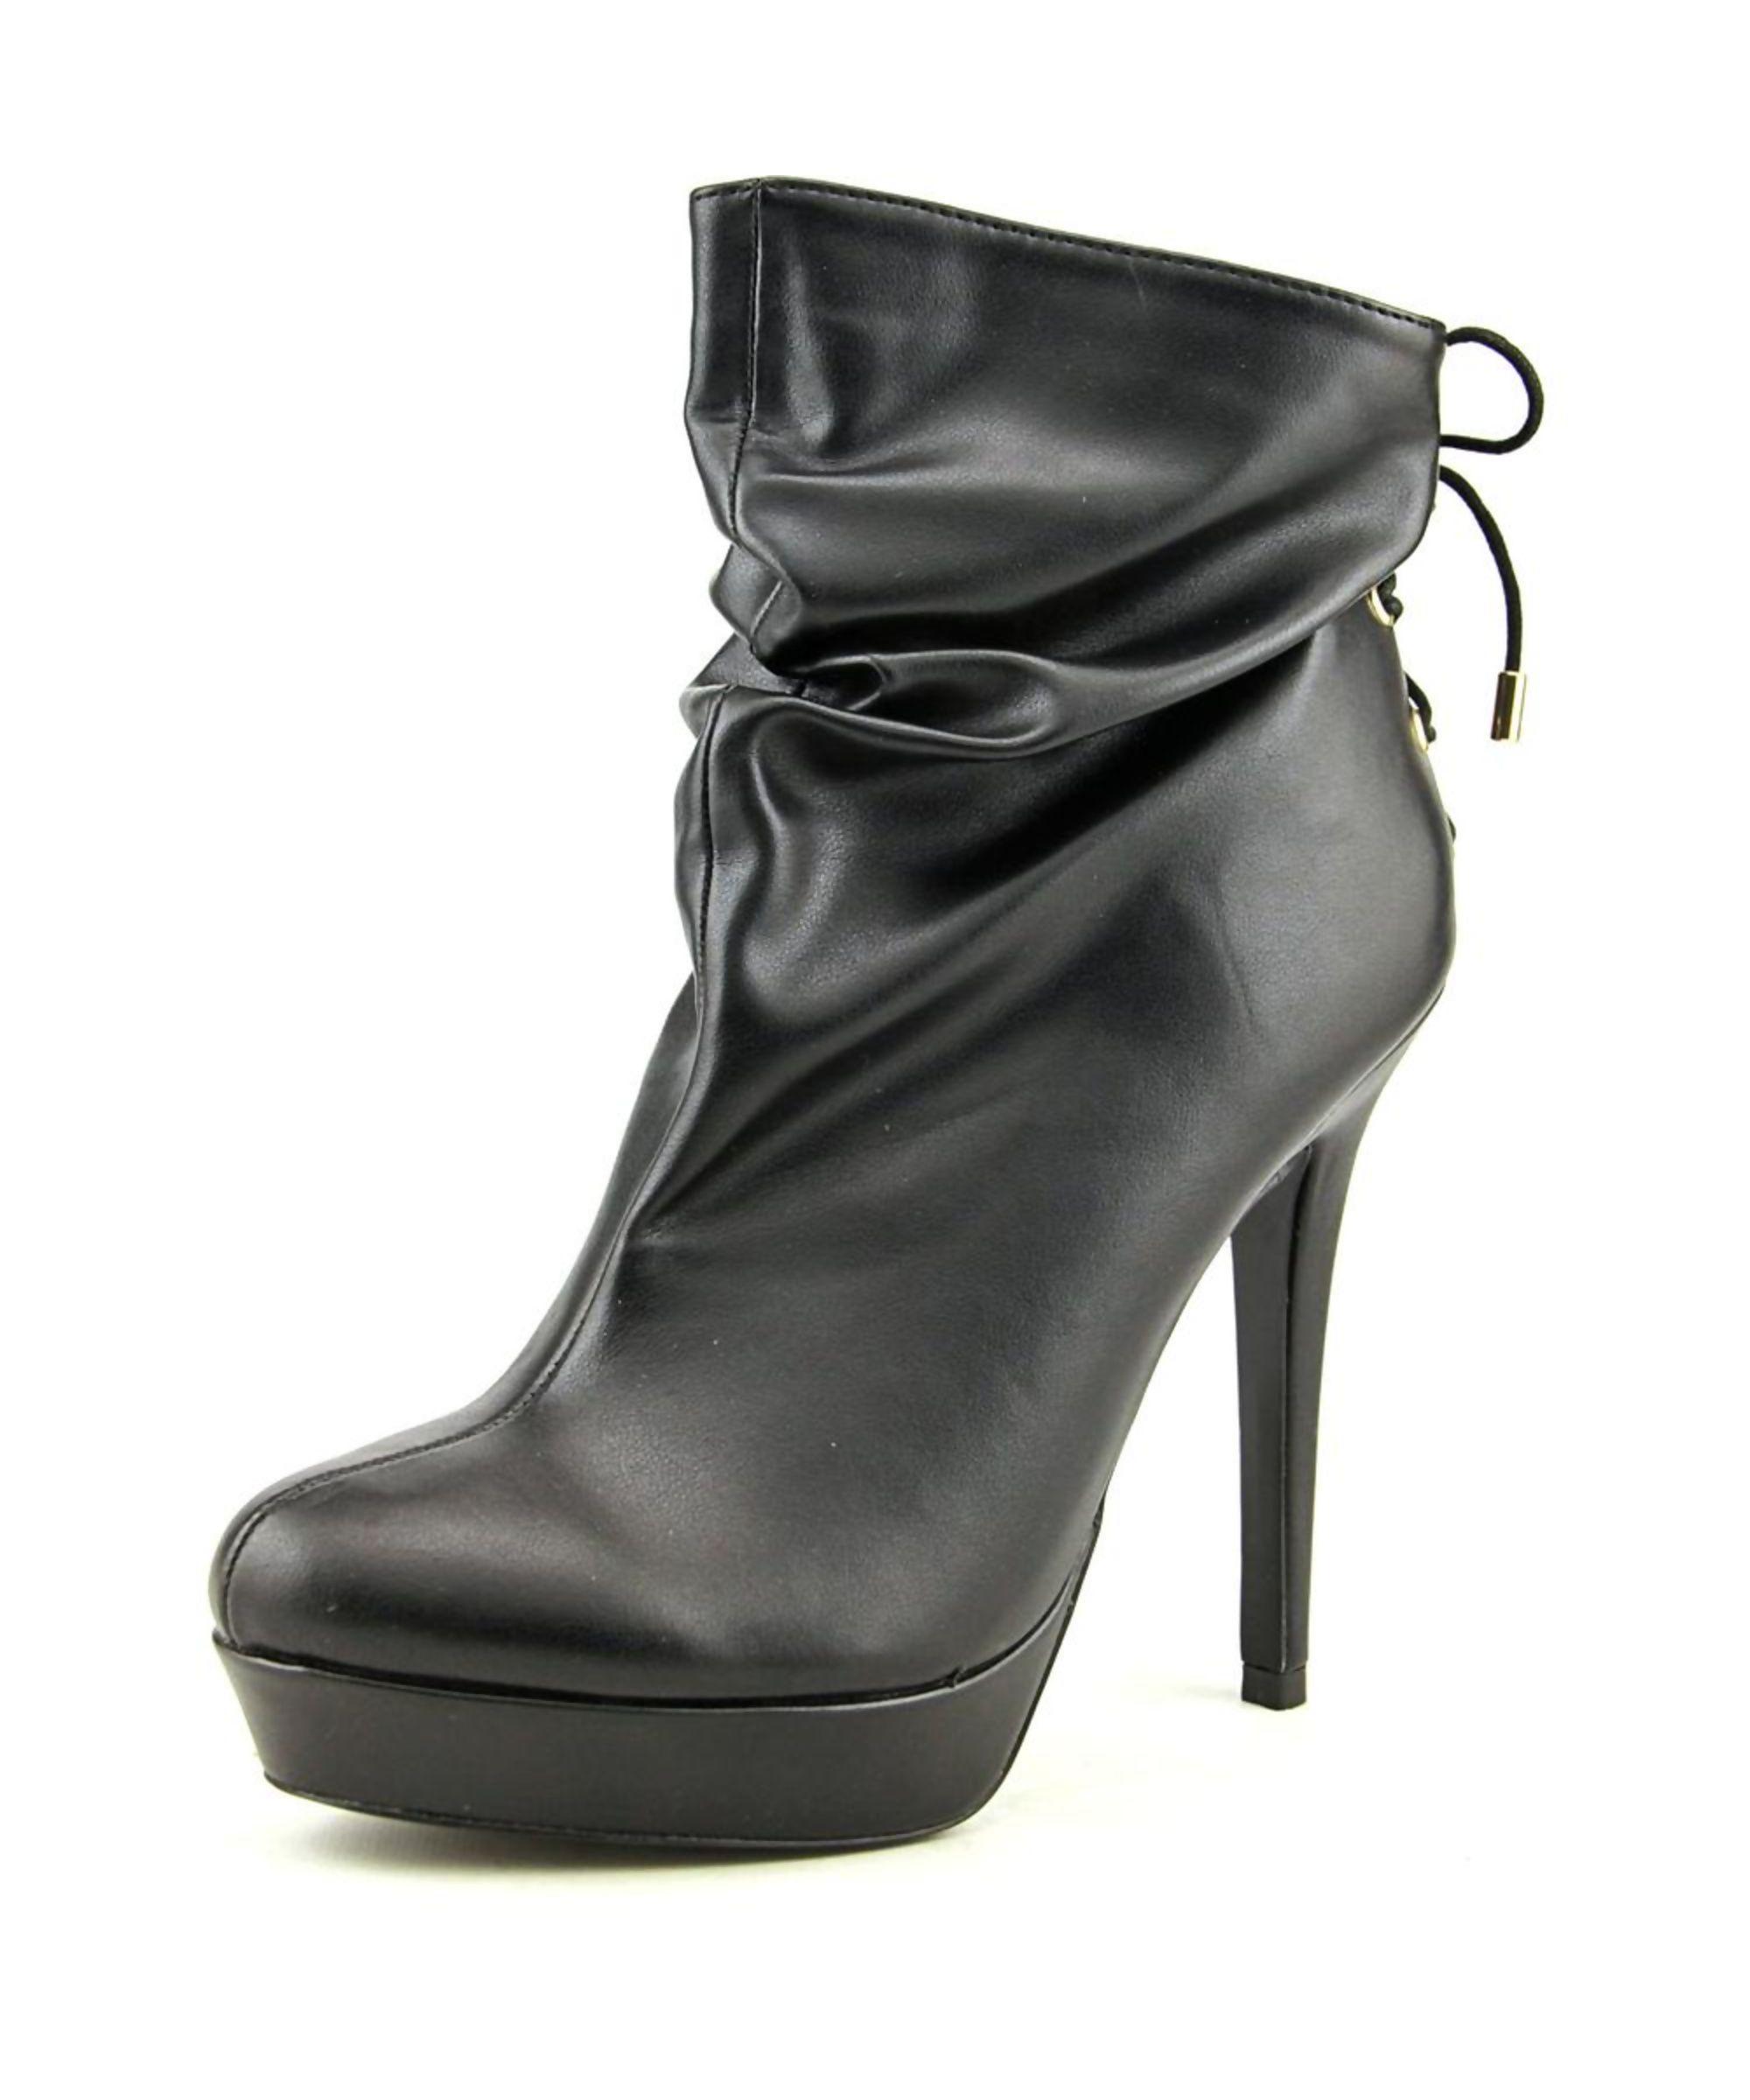 Sodi Womens HONRA Leather Closed Toe Ankle Fashion Boots